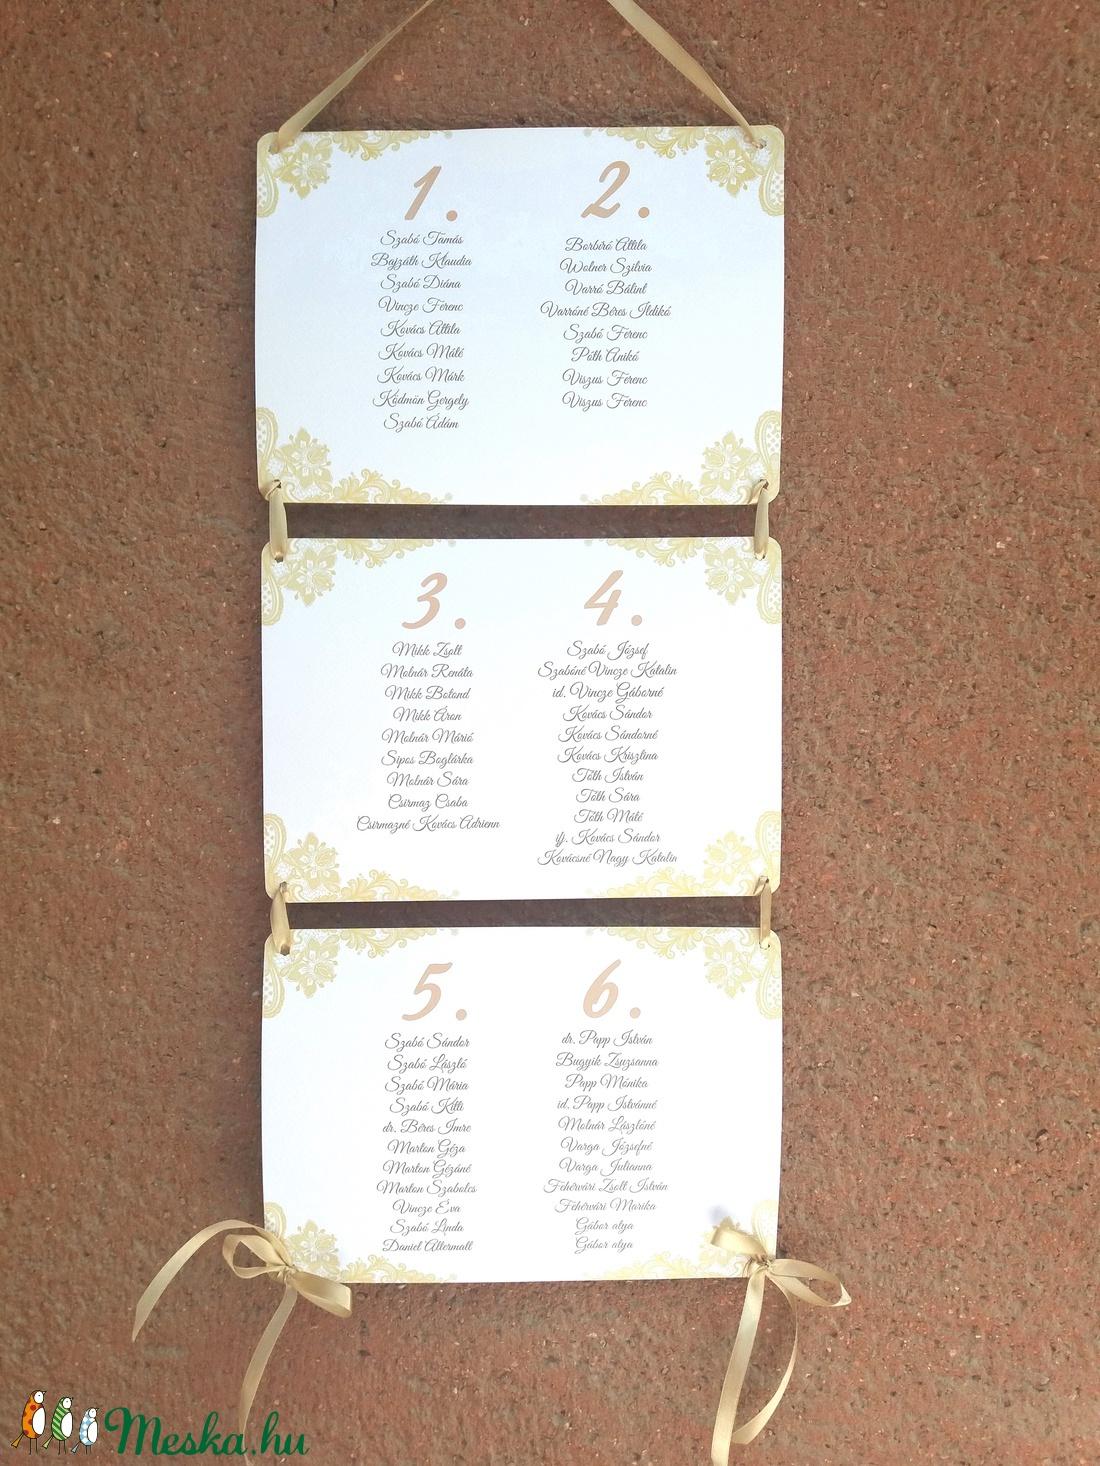 Ültetési rend, Esküvői Ültetésrend, elegáns, csipke, arany, tábla, Esküvő ültető kártya, Dekor, csipkés, elegáns (LindaButtercup) - Meska.hu